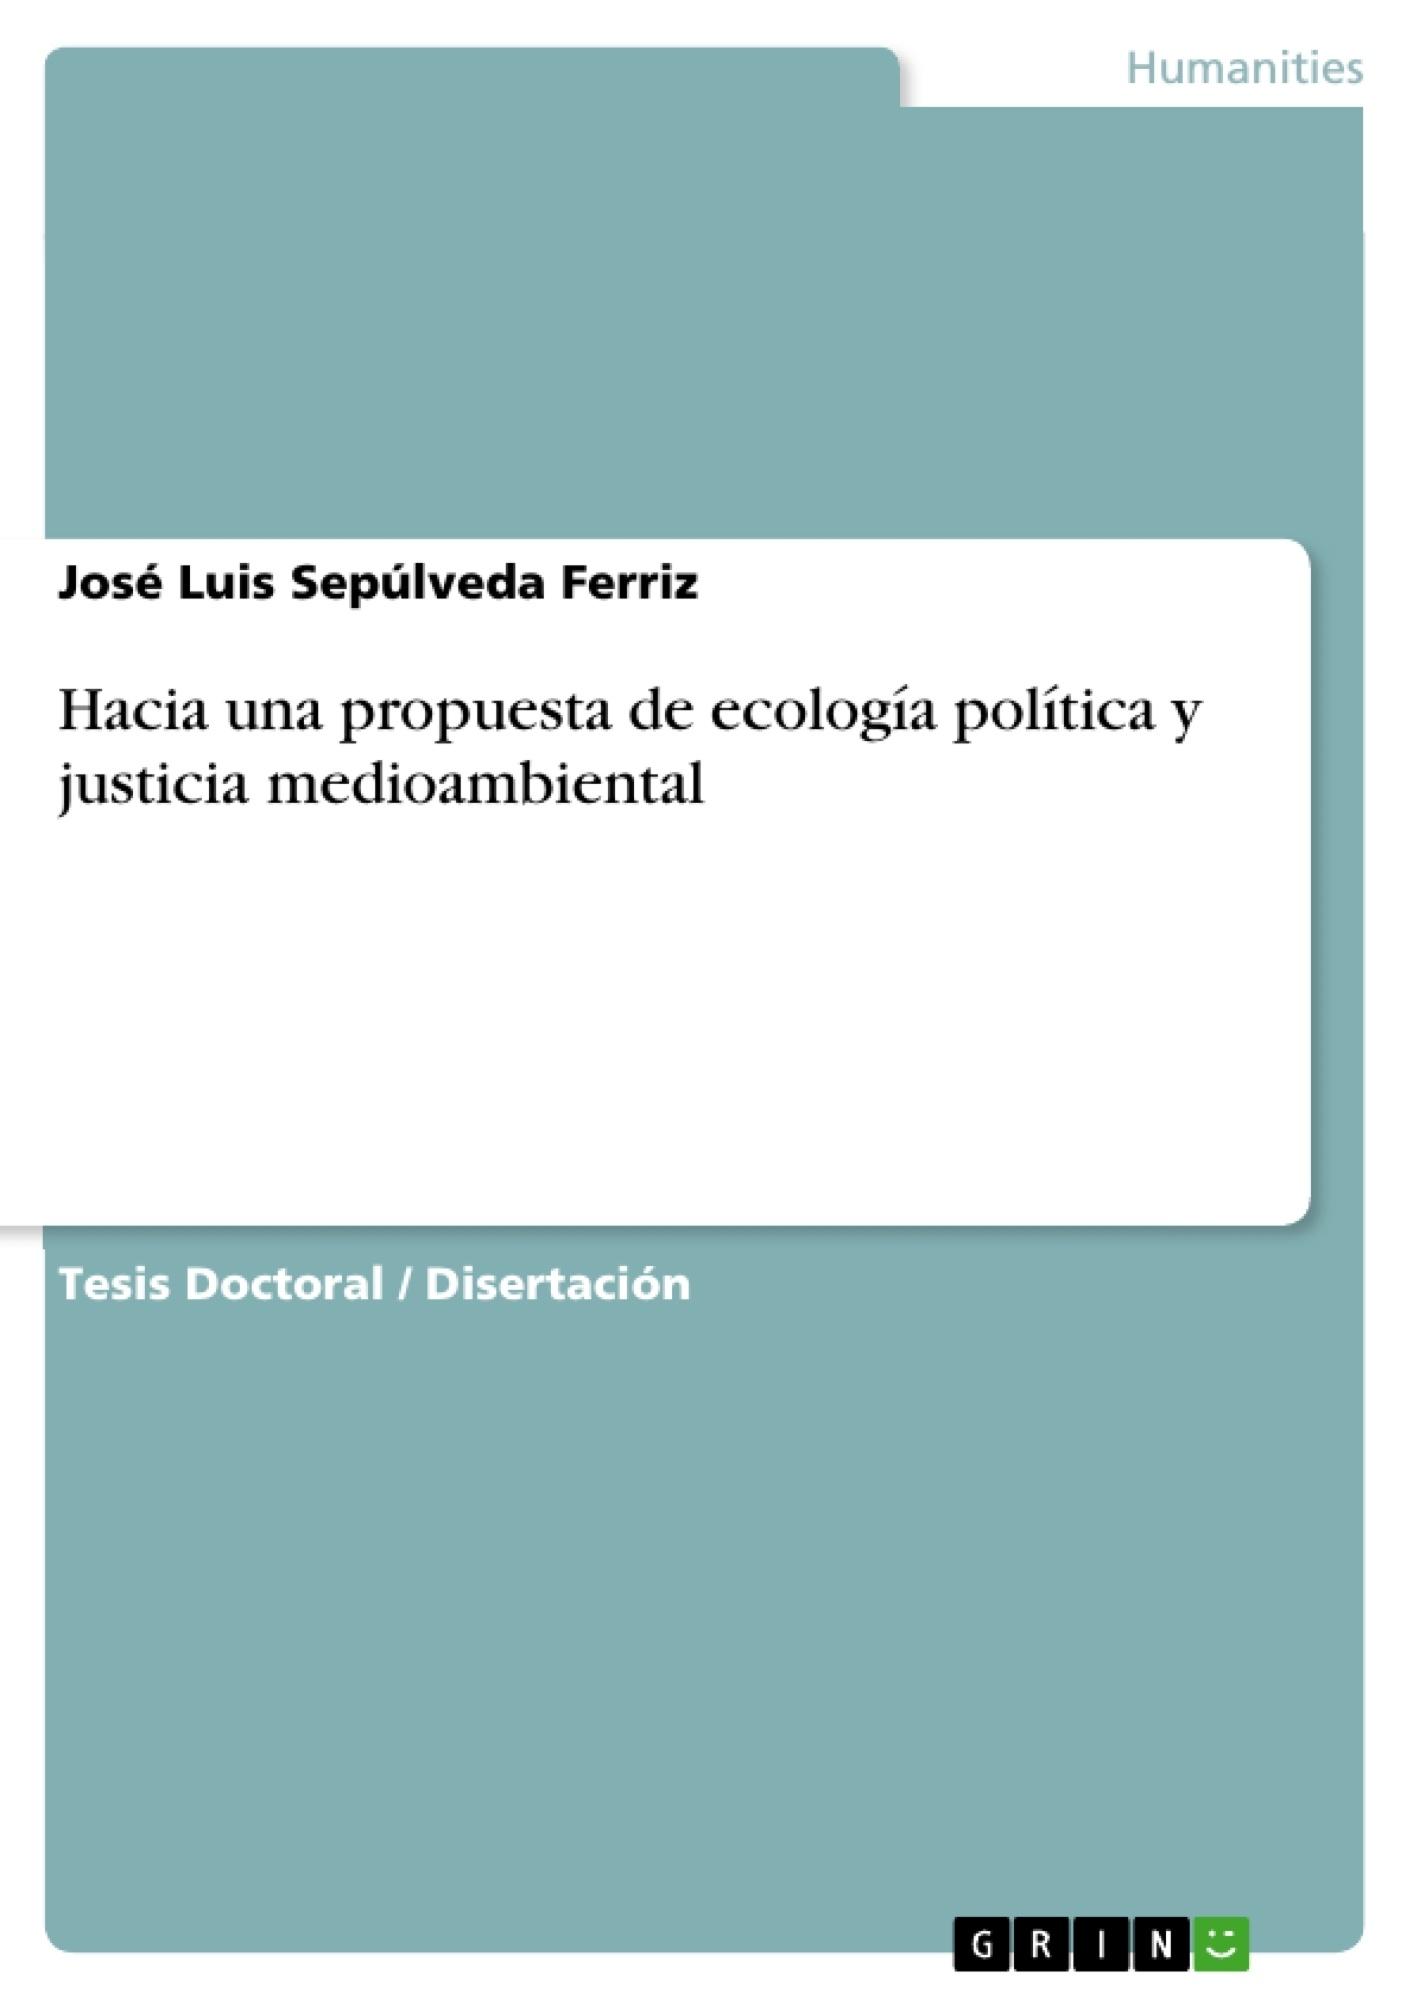 Título: Hacia una propuesta de ecología política y justicia medioambiental